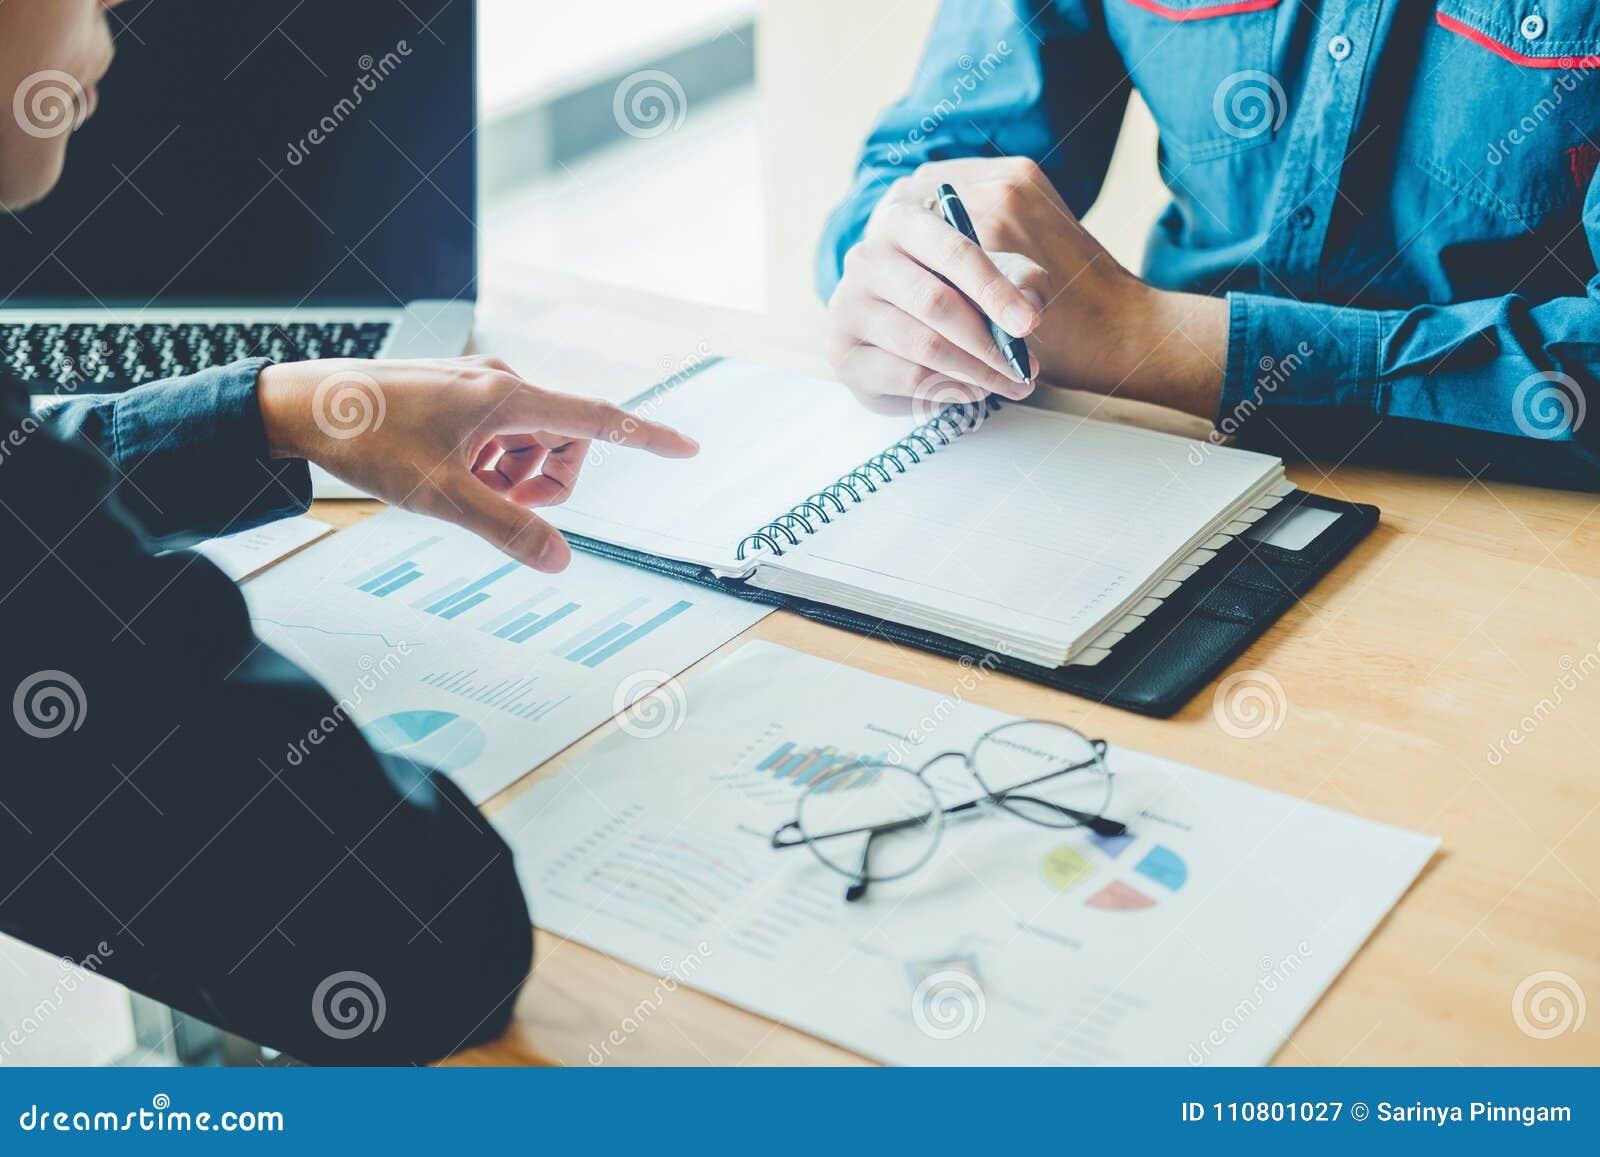 Επιχειρηματίες που συναντούν τον προγραμματισμό και που εργάζονται στη νέα επιχείρηση Des